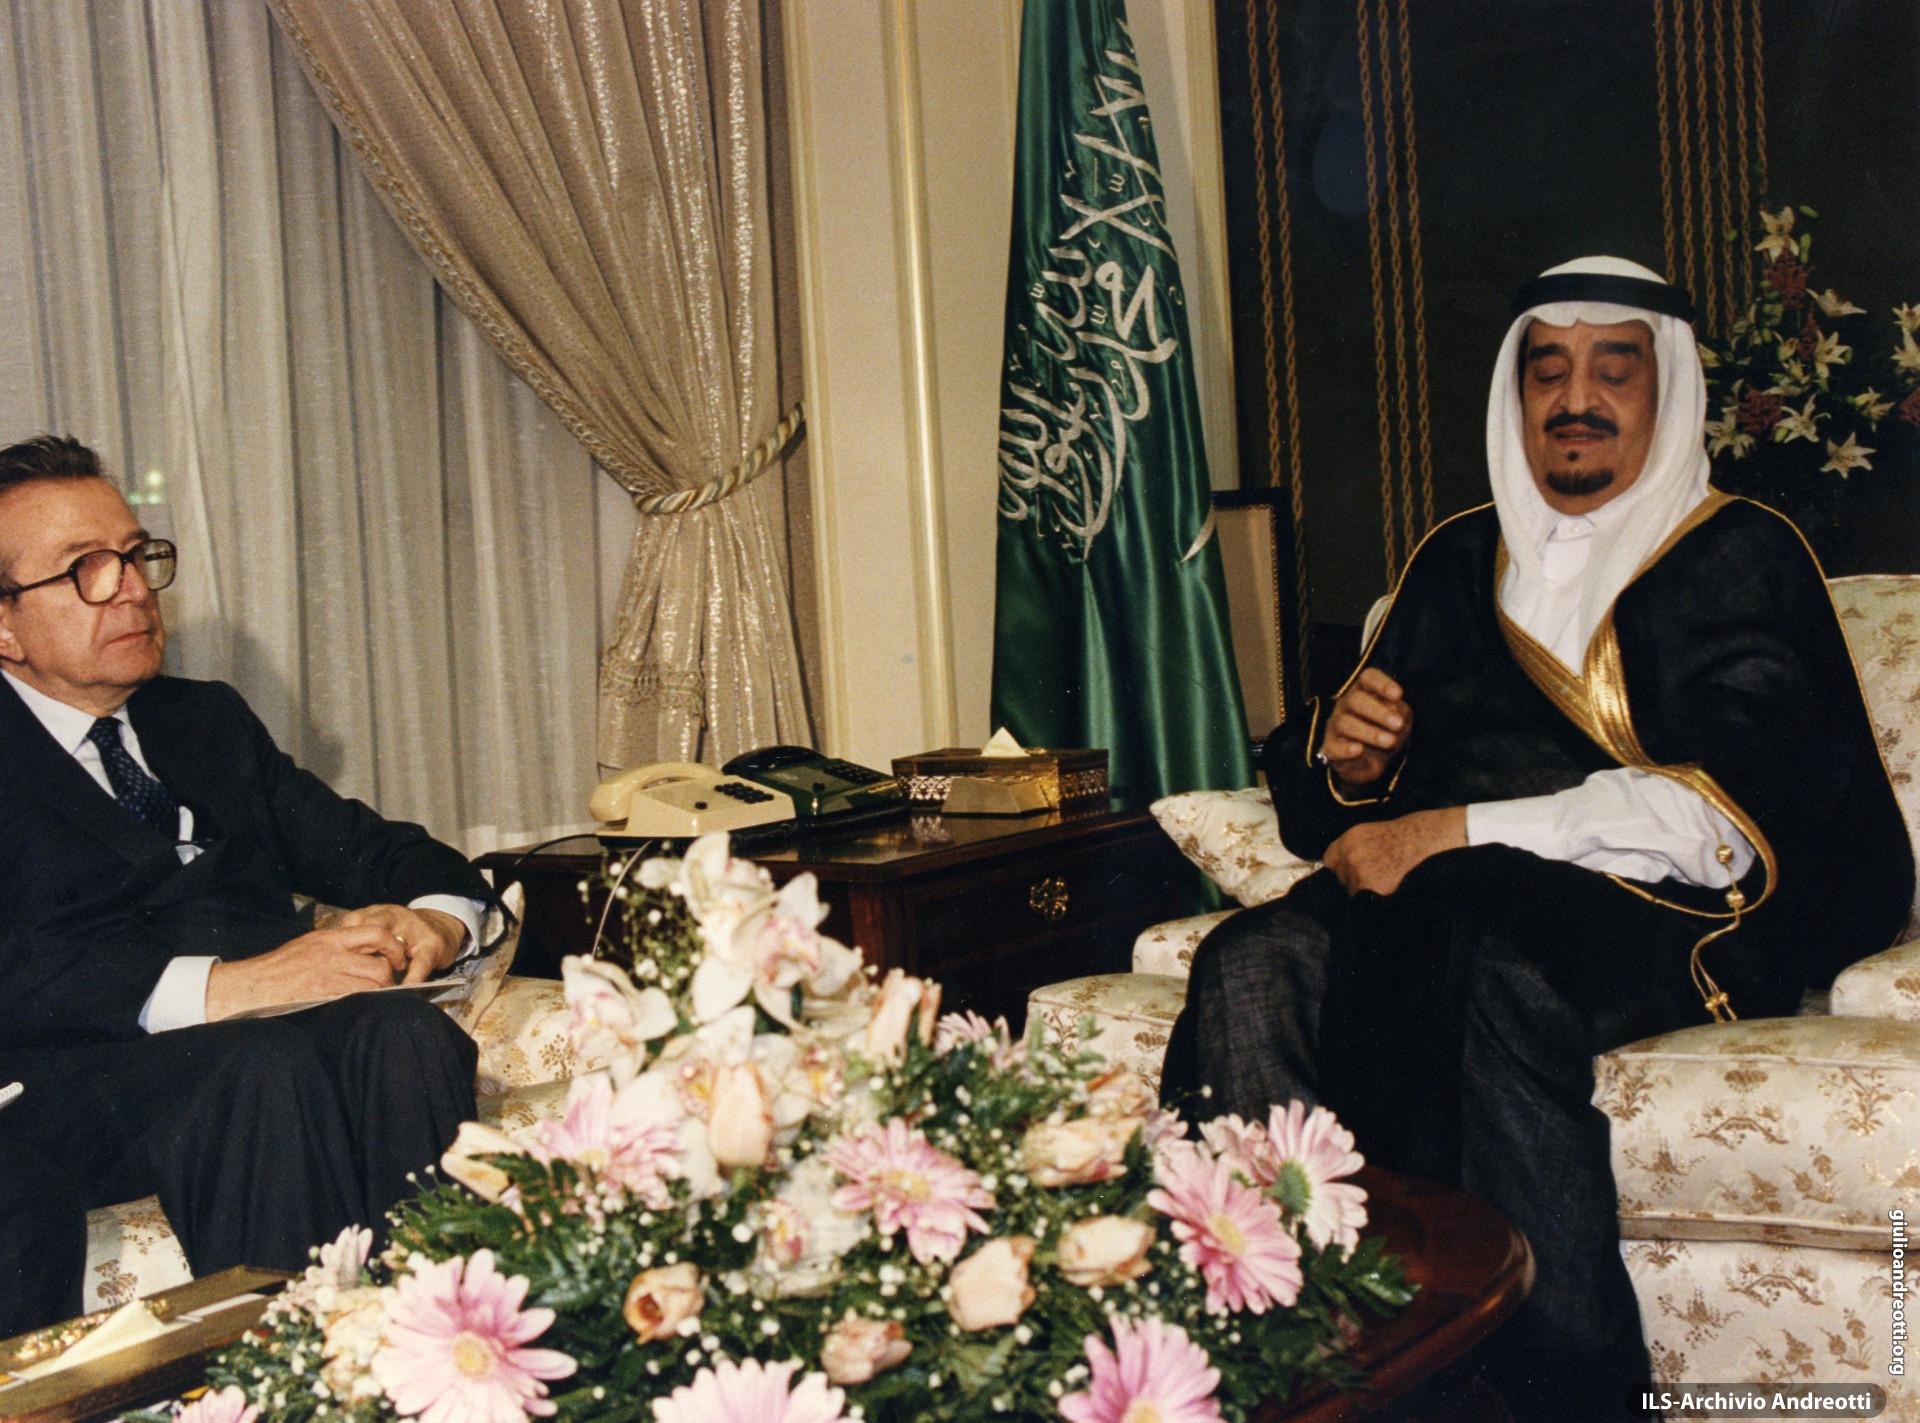 Febbraio 1988. Andreotti con re dell'Arabia Saudita Fahd.